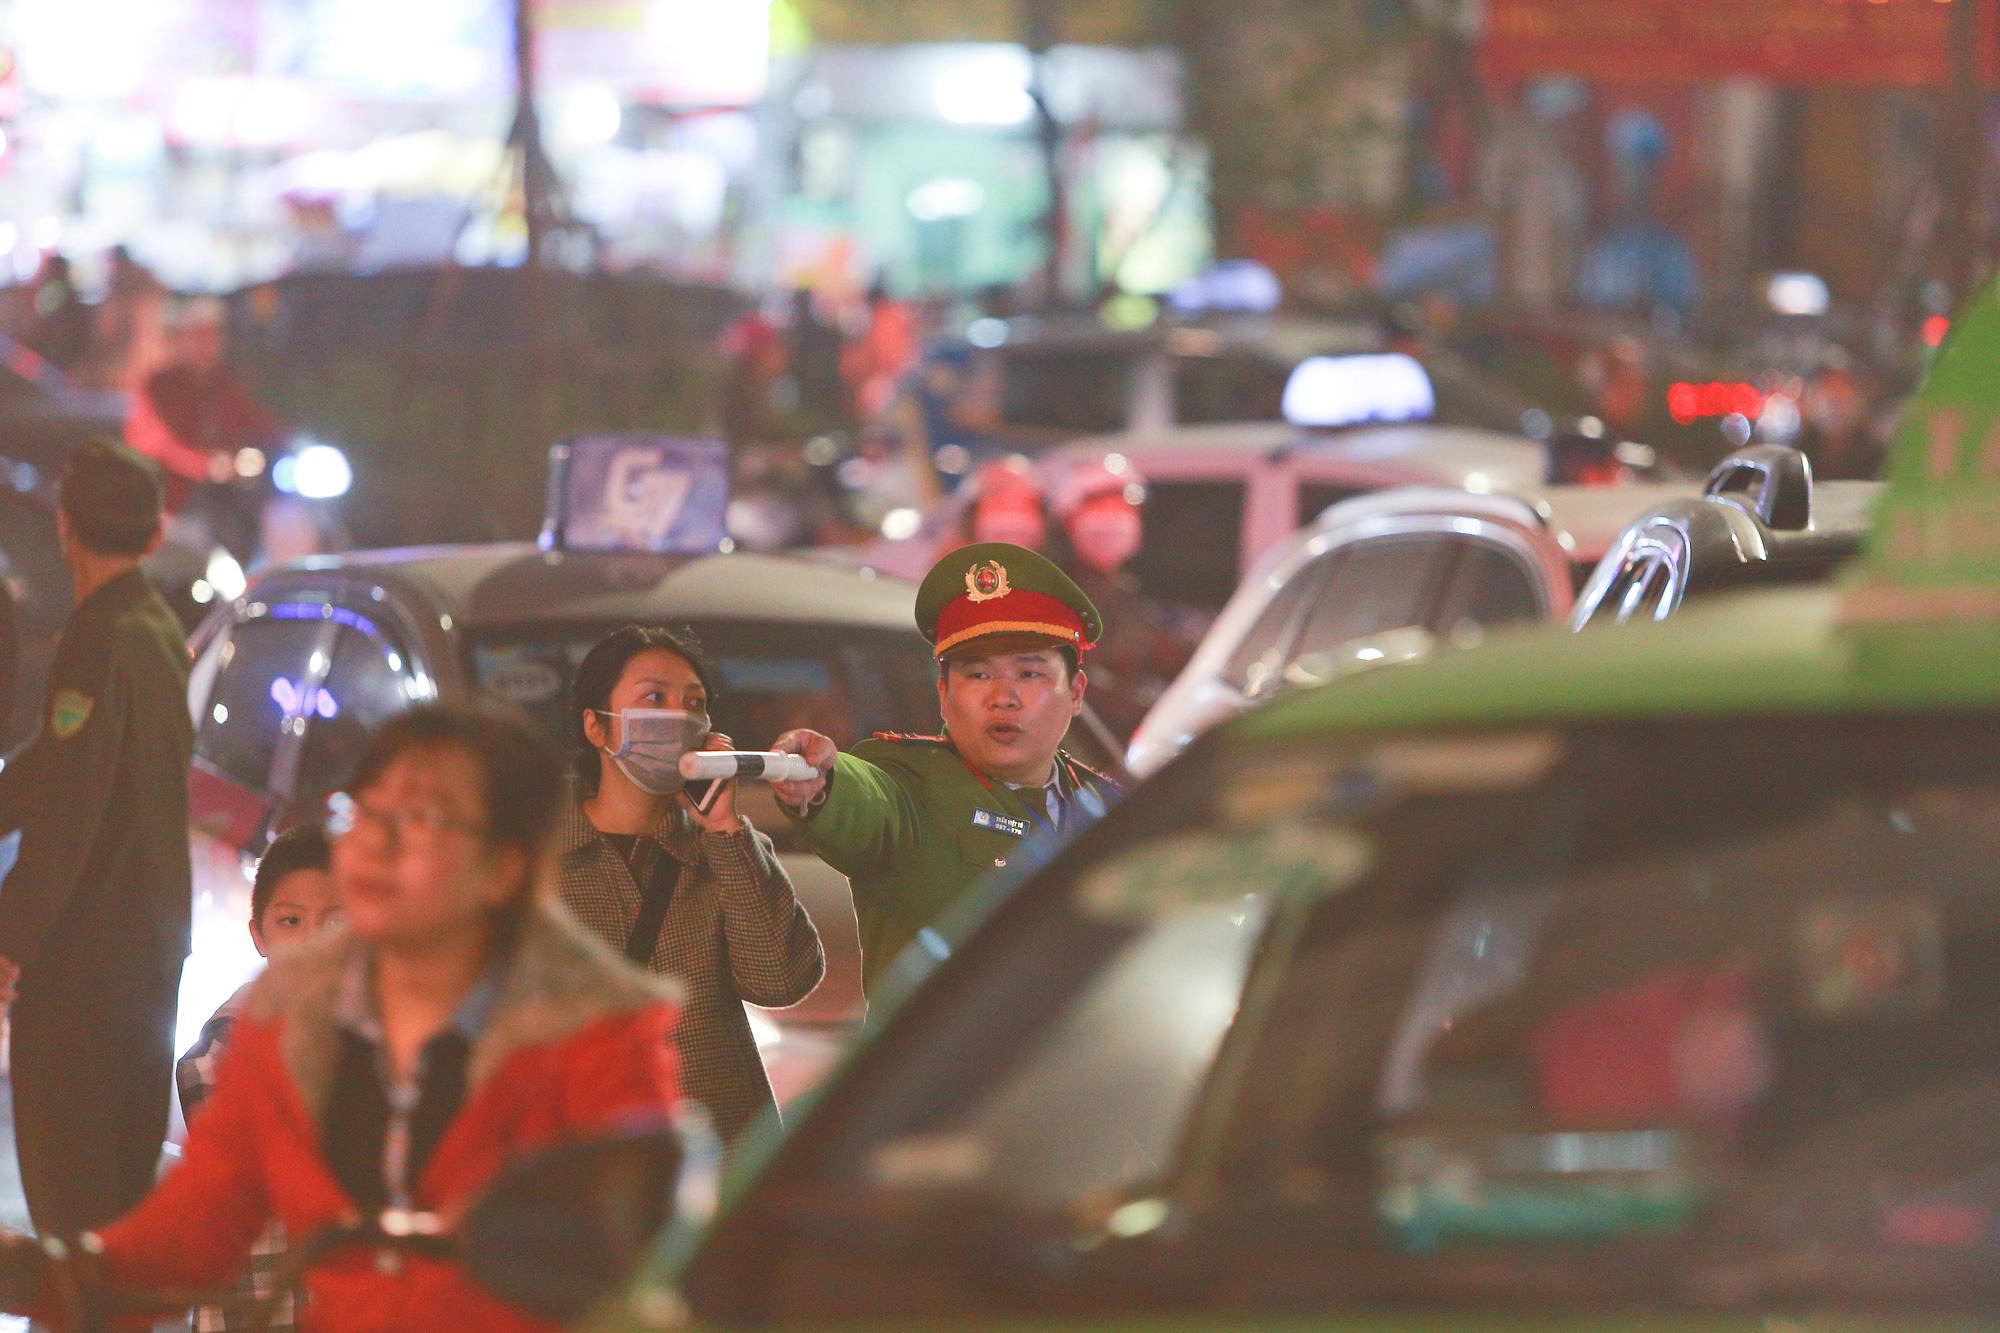 Hà Nội: Người dân đổ ra đường đón Giáng sinh, nhiều tuyến đường'tắc không lối thoát' - Ảnh 10.